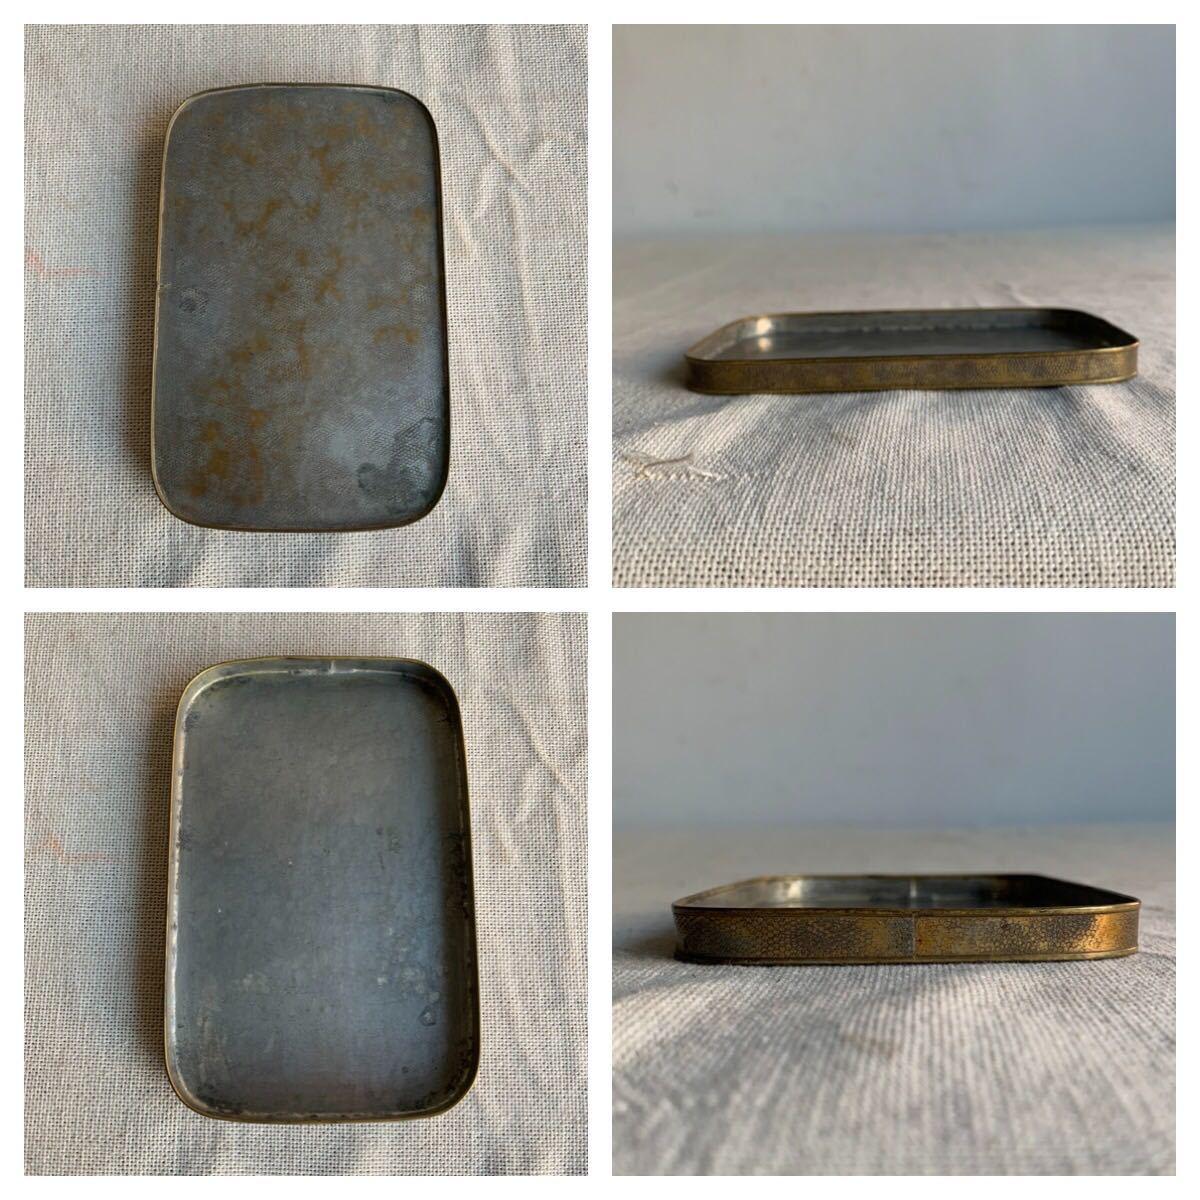 古い真鍮製の入れ子箱2個セット ケース収納旧家蔵出レトロ古民家古道具古物骨董アンティークビンテージシャビーインテリアディスプレイ整理_画像10